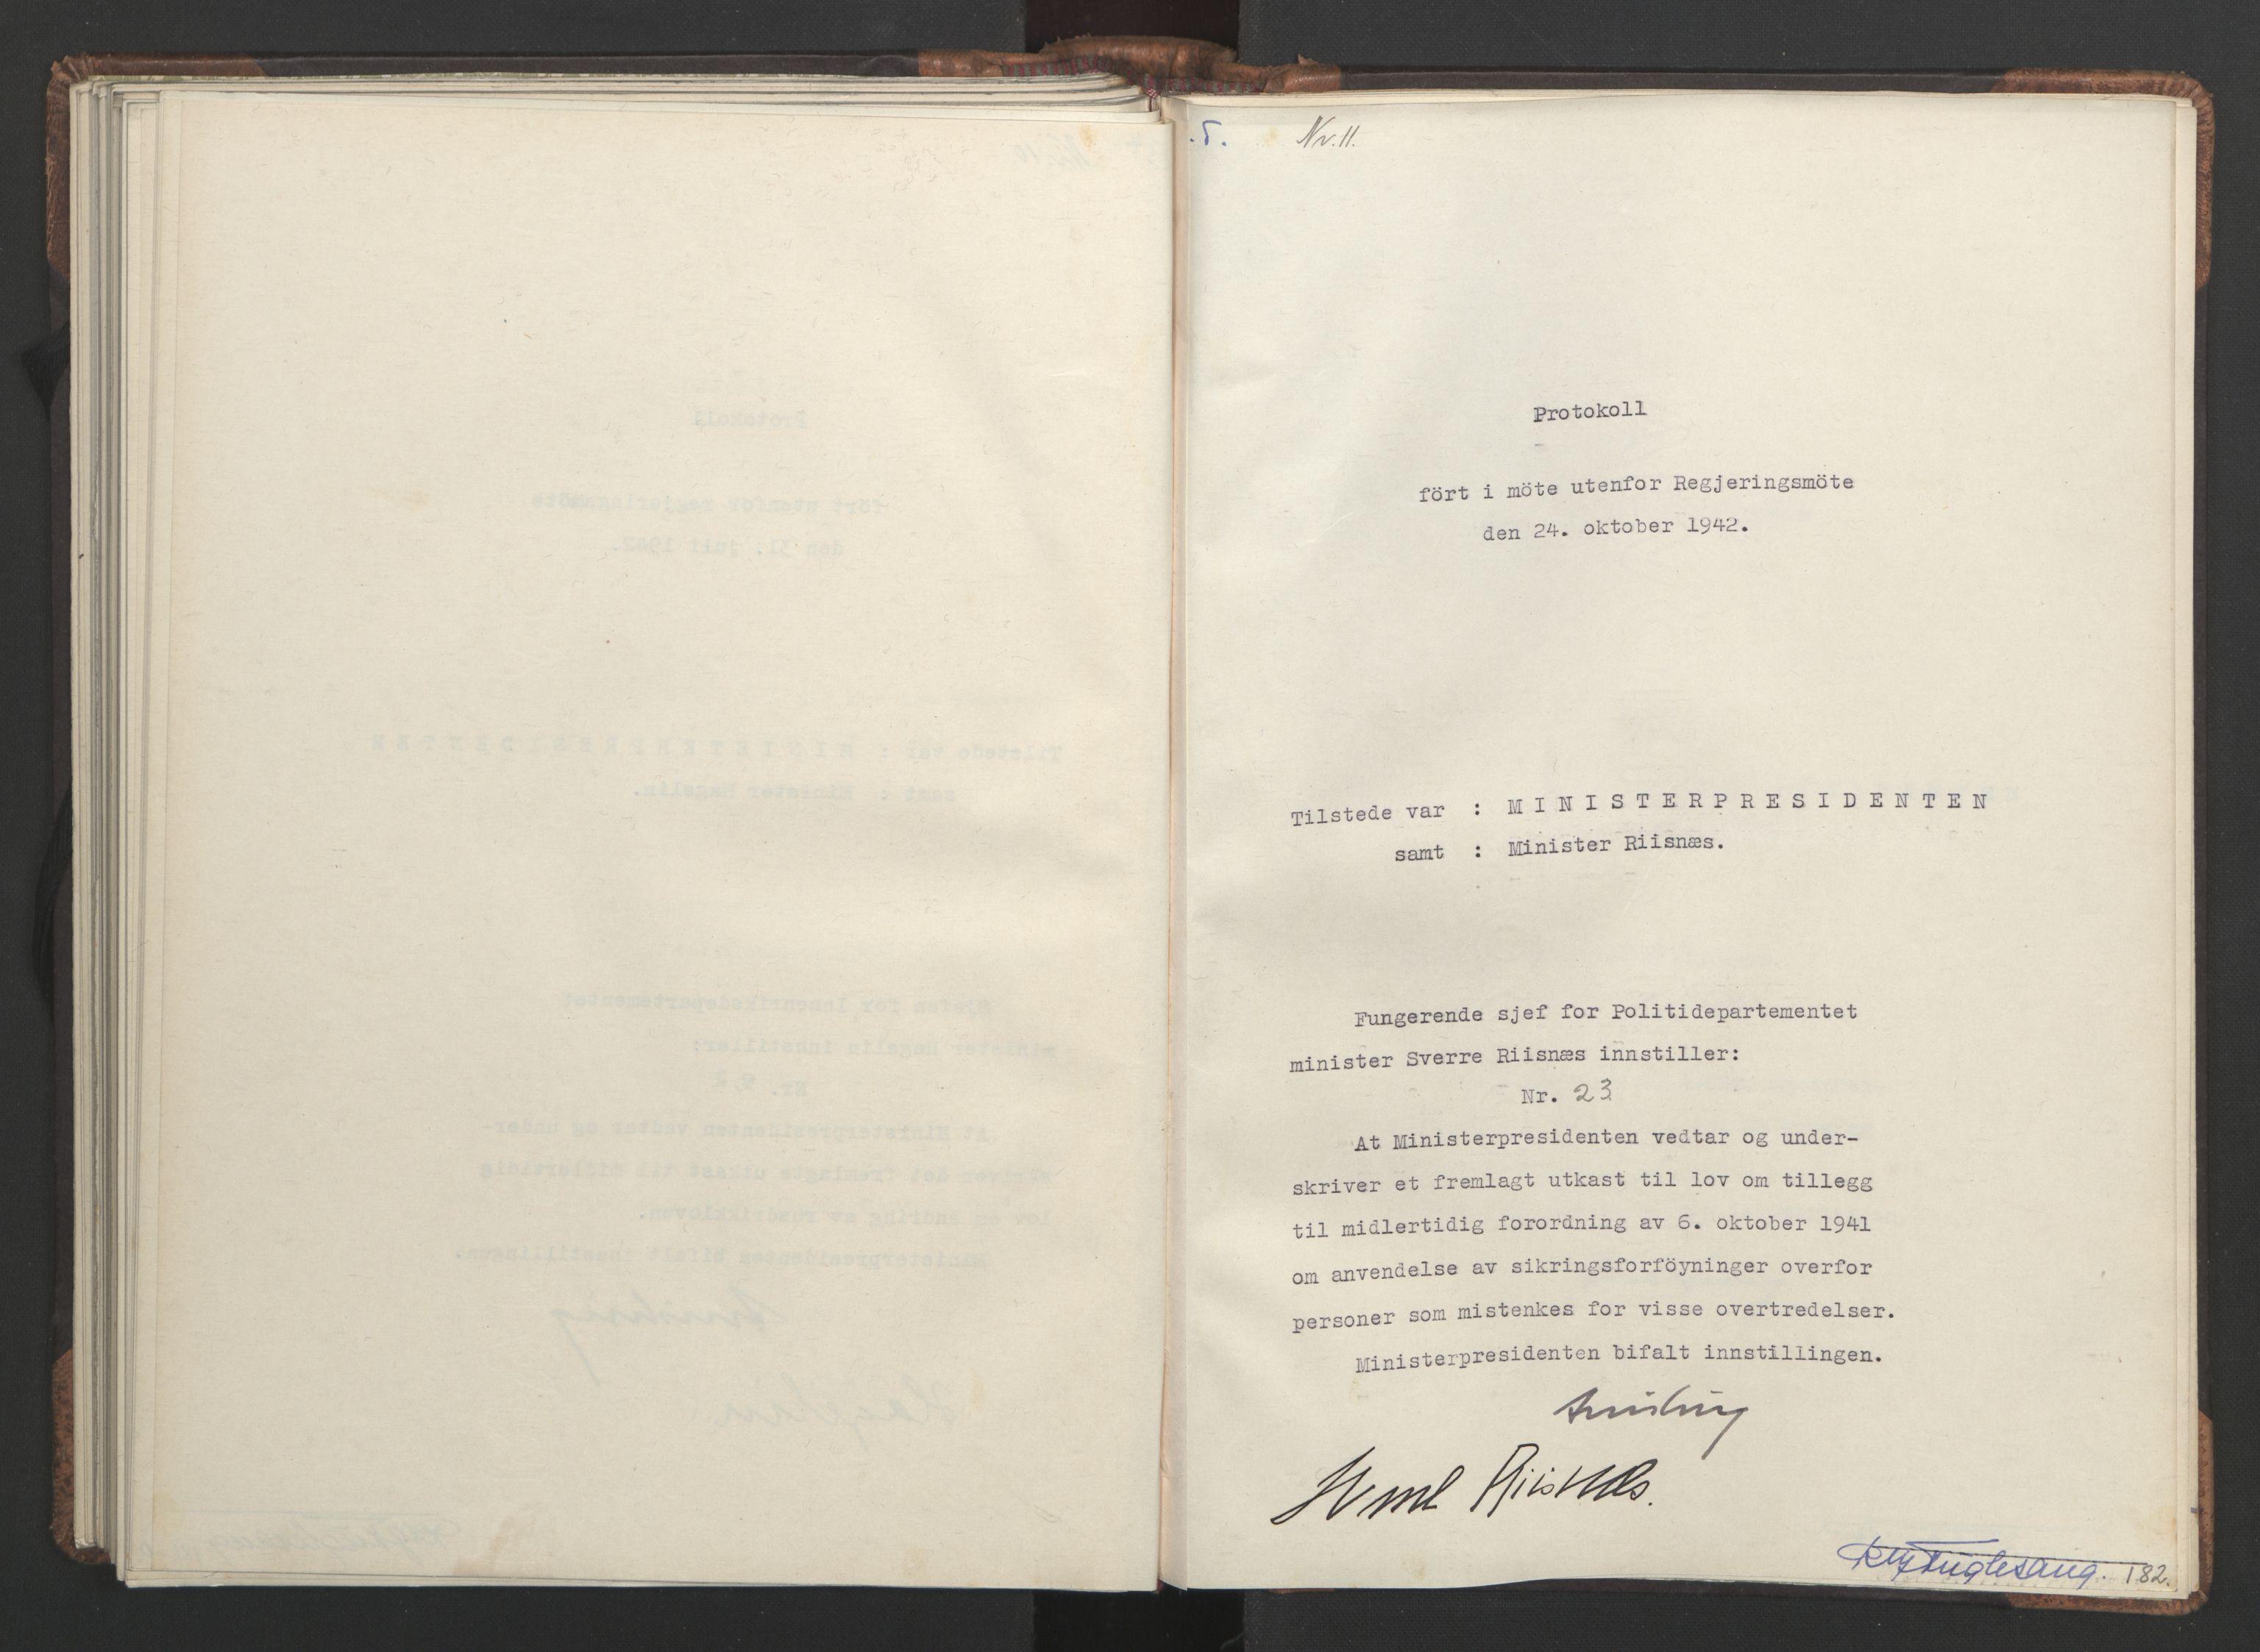 RA, NS-administrasjonen 1940-1945 (Statsrådsekretariatet, de kommisariske statsråder mm), D/Da/L0001: Beslutninger og tillegg (1-952 og 1-32), 1942, s. 181b-182a